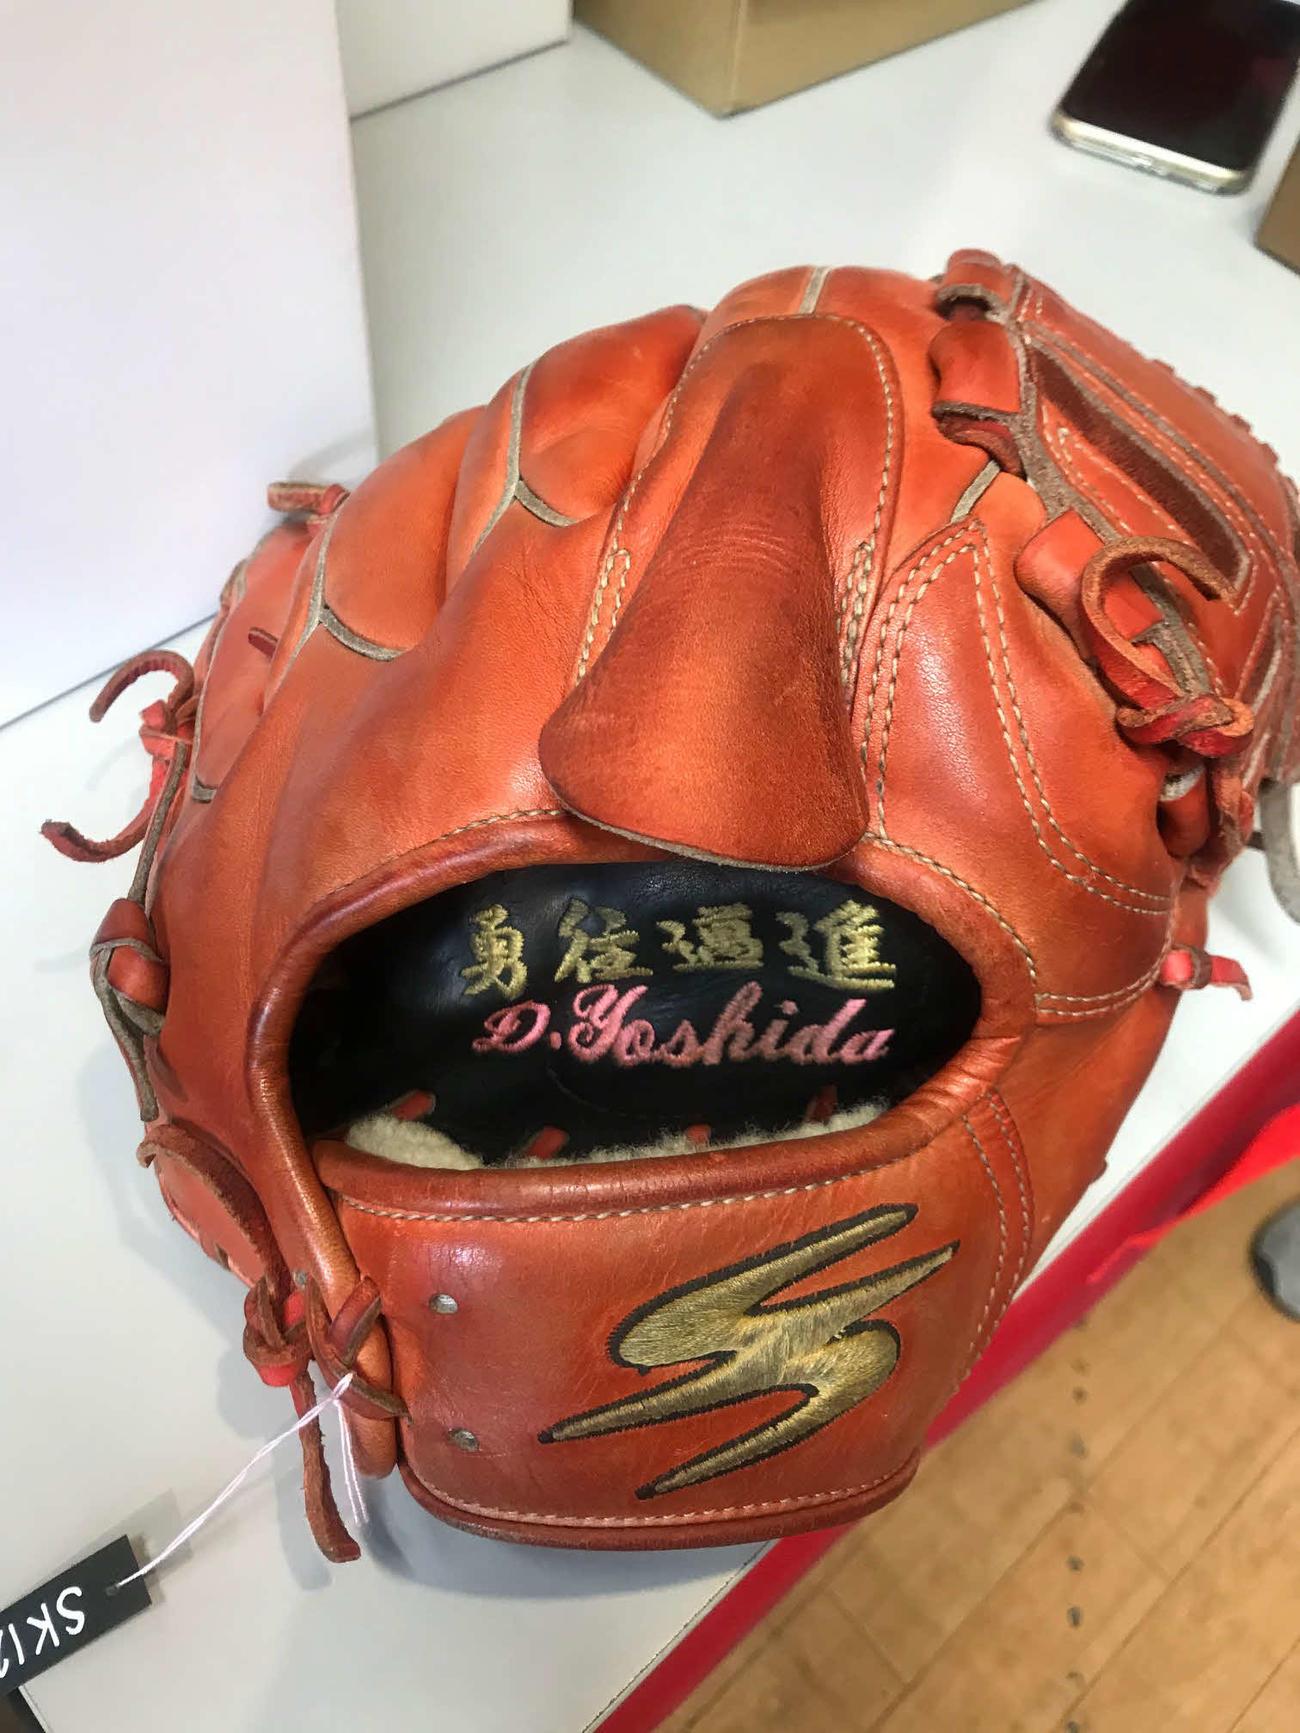 吉田喜が高校時代に使用していた「勇往邁進」の文字が入ったすみれスポーツのグラブ